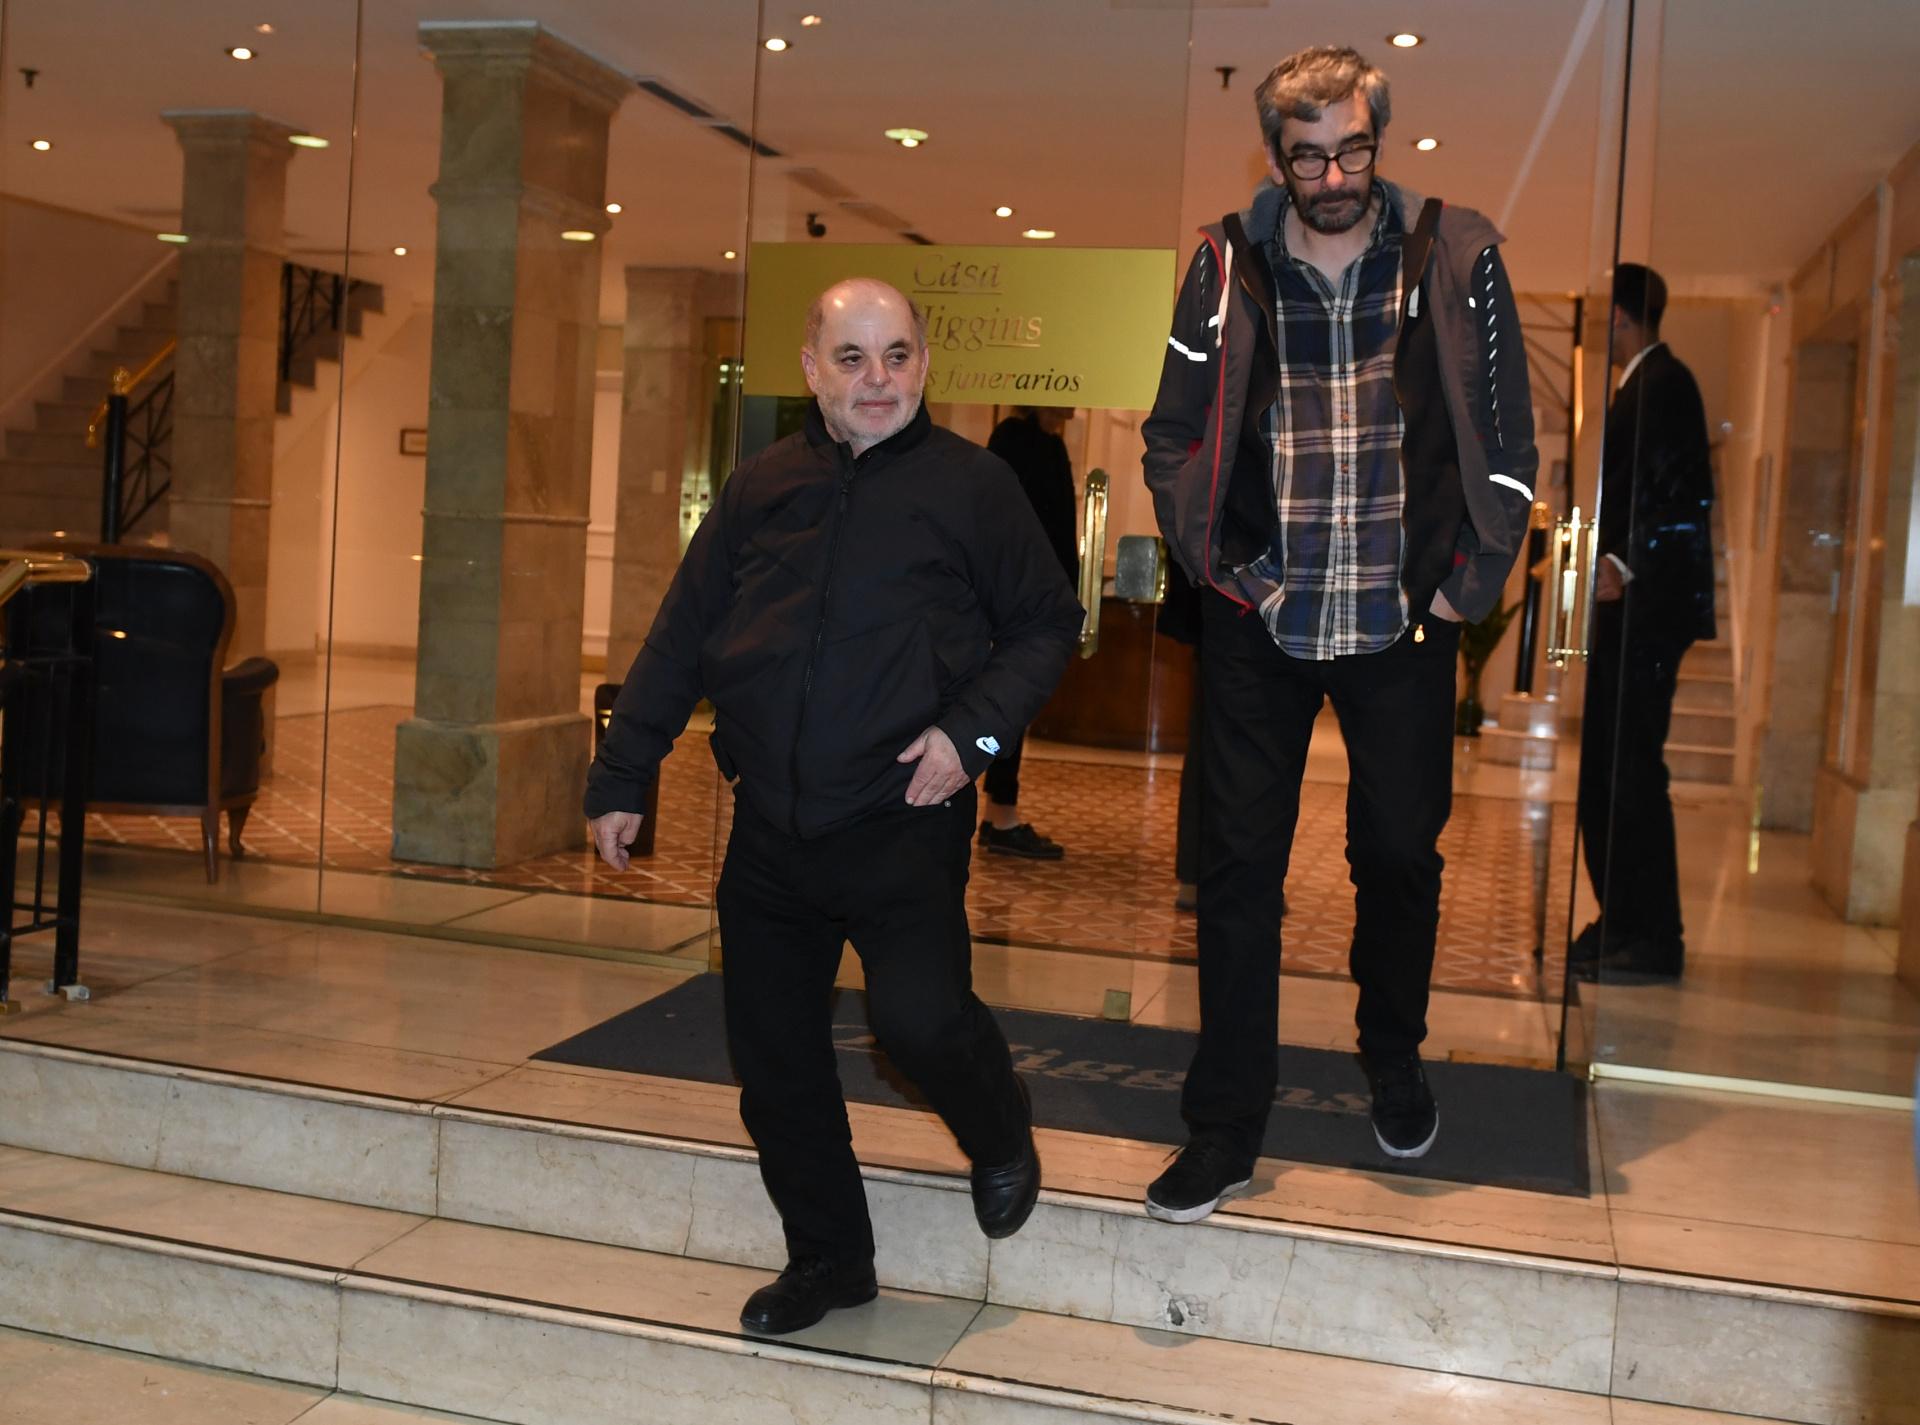 El periodista de C5N Tuny Kolman, junto al directivo de Radio 10, Willy Brey